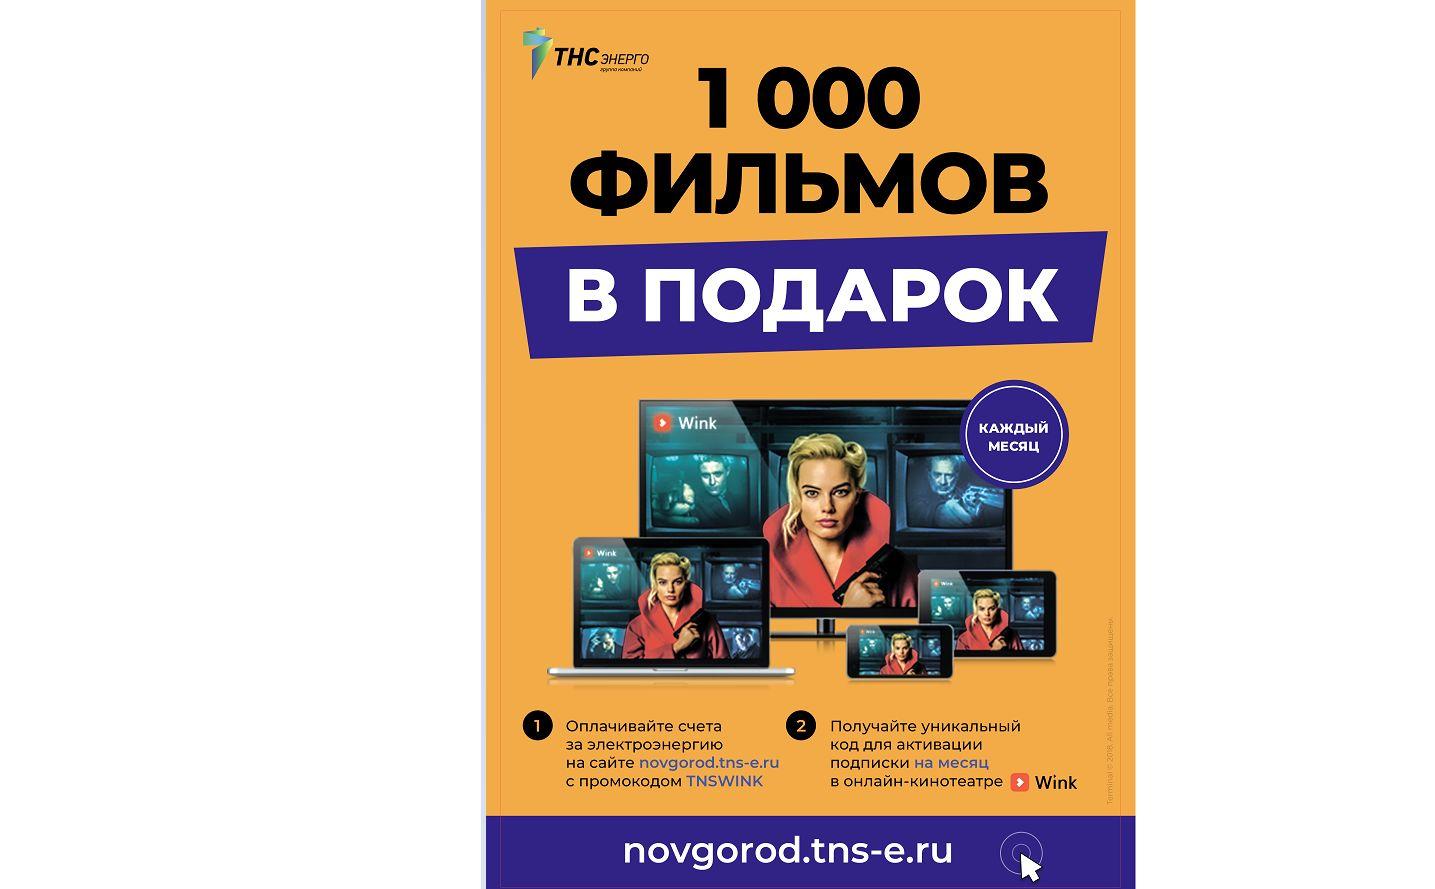 1000 фильмов и 101 канал в подарок для клиентов ПАО «ТНС энерго Ярославль»